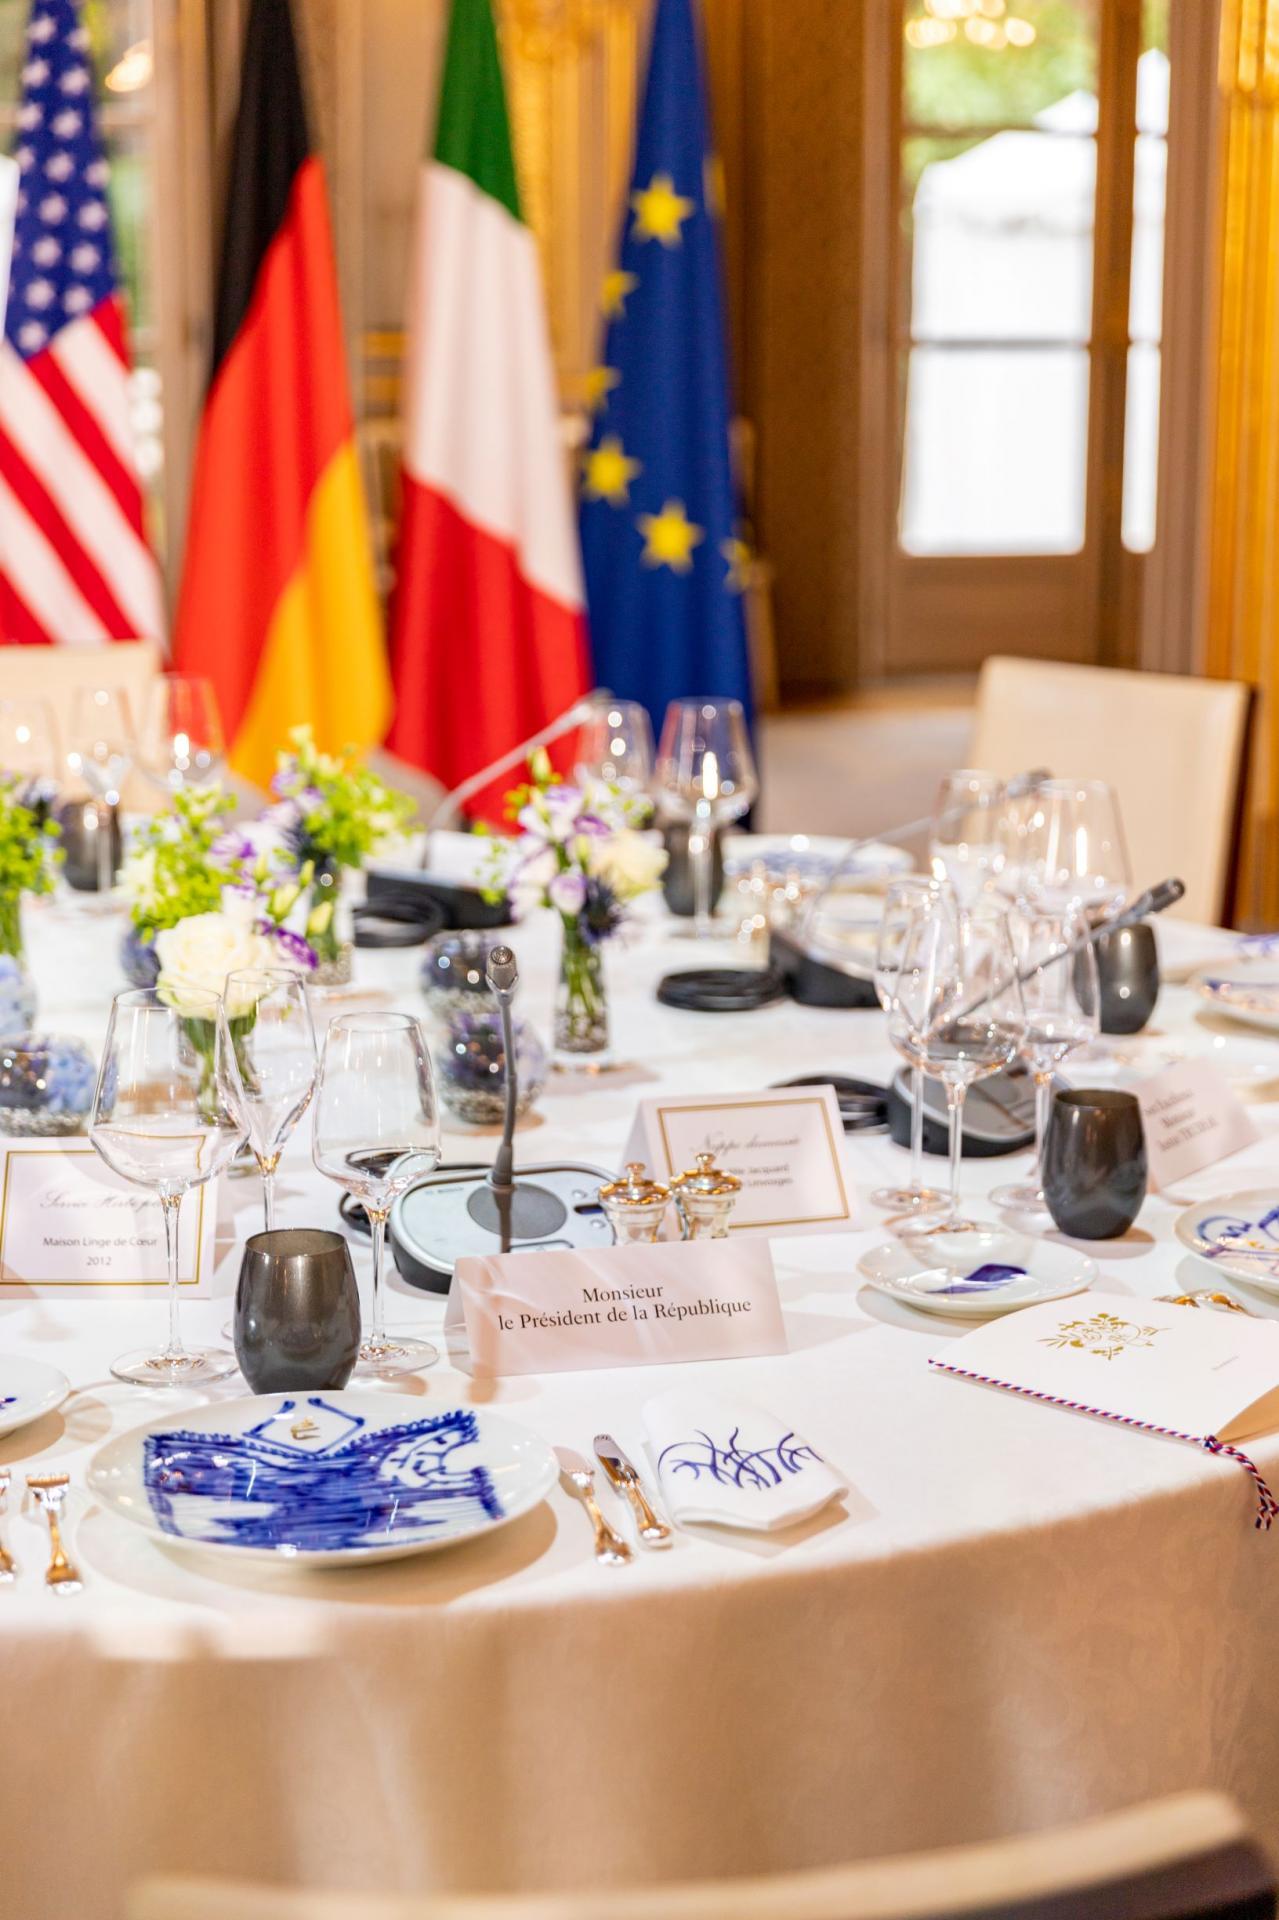 A l'identique, la table du G7 a été dressée.